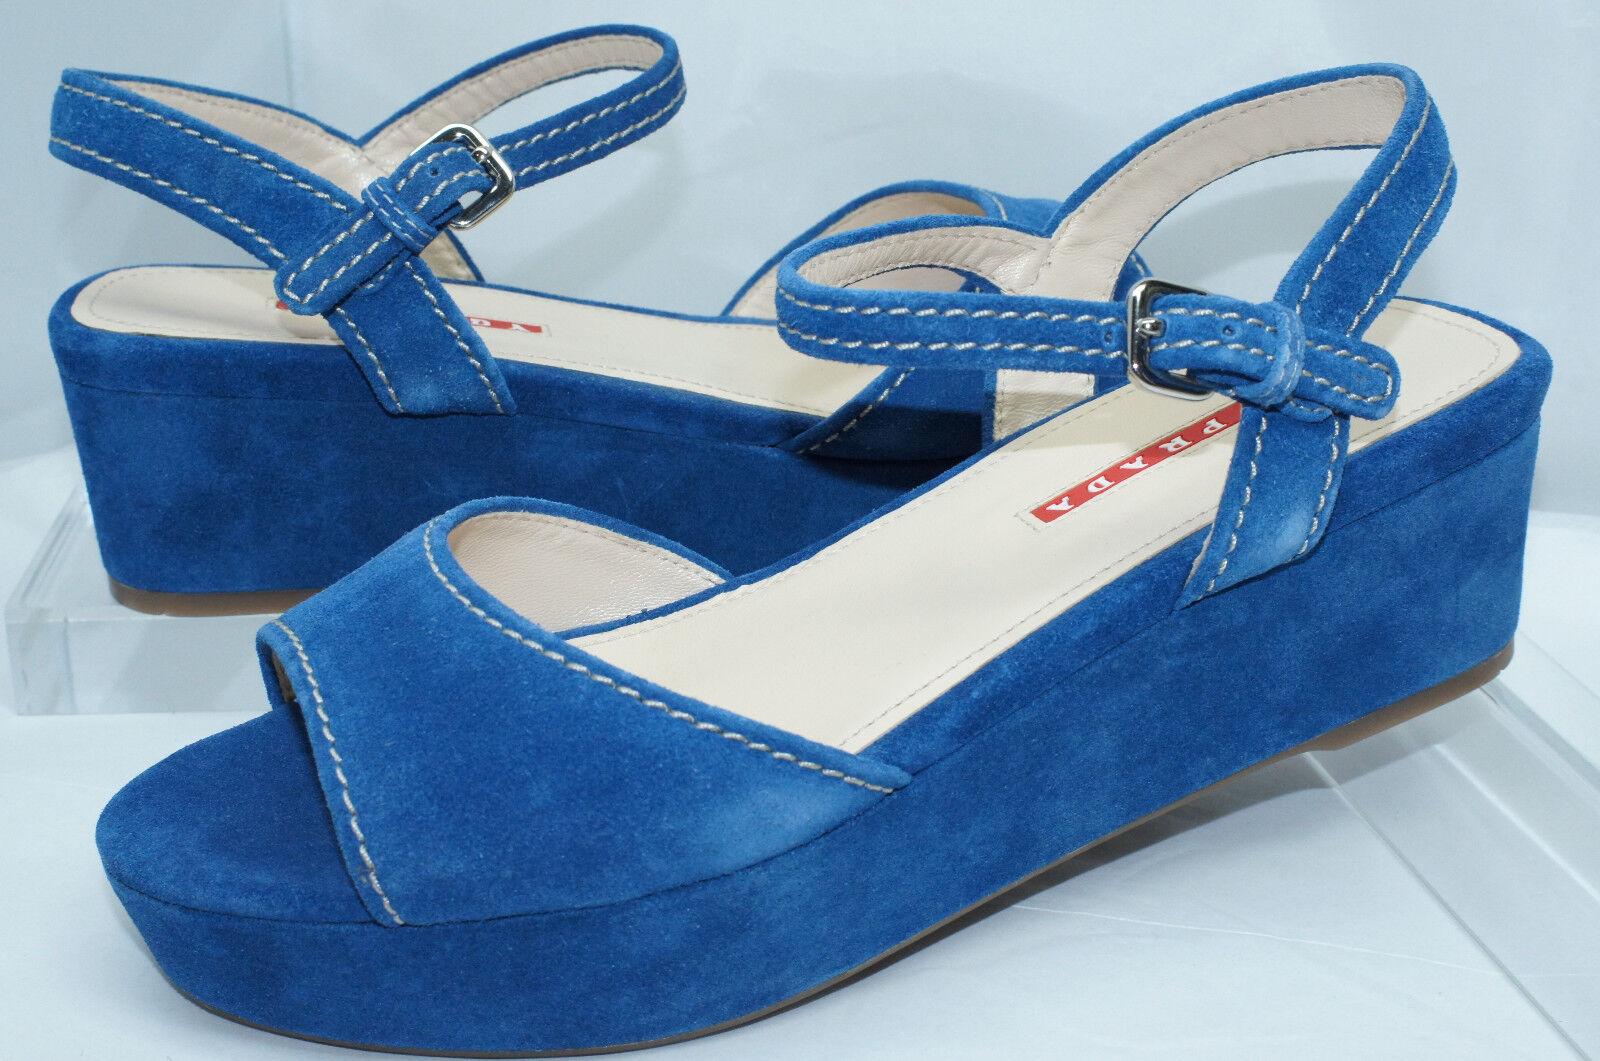 Nuevas Nuevas Nuevas Sandalias Azul Zapatos de Prada Para Mujer Talla 38.5 plataformas Vernice Venta  venta caliente en línea